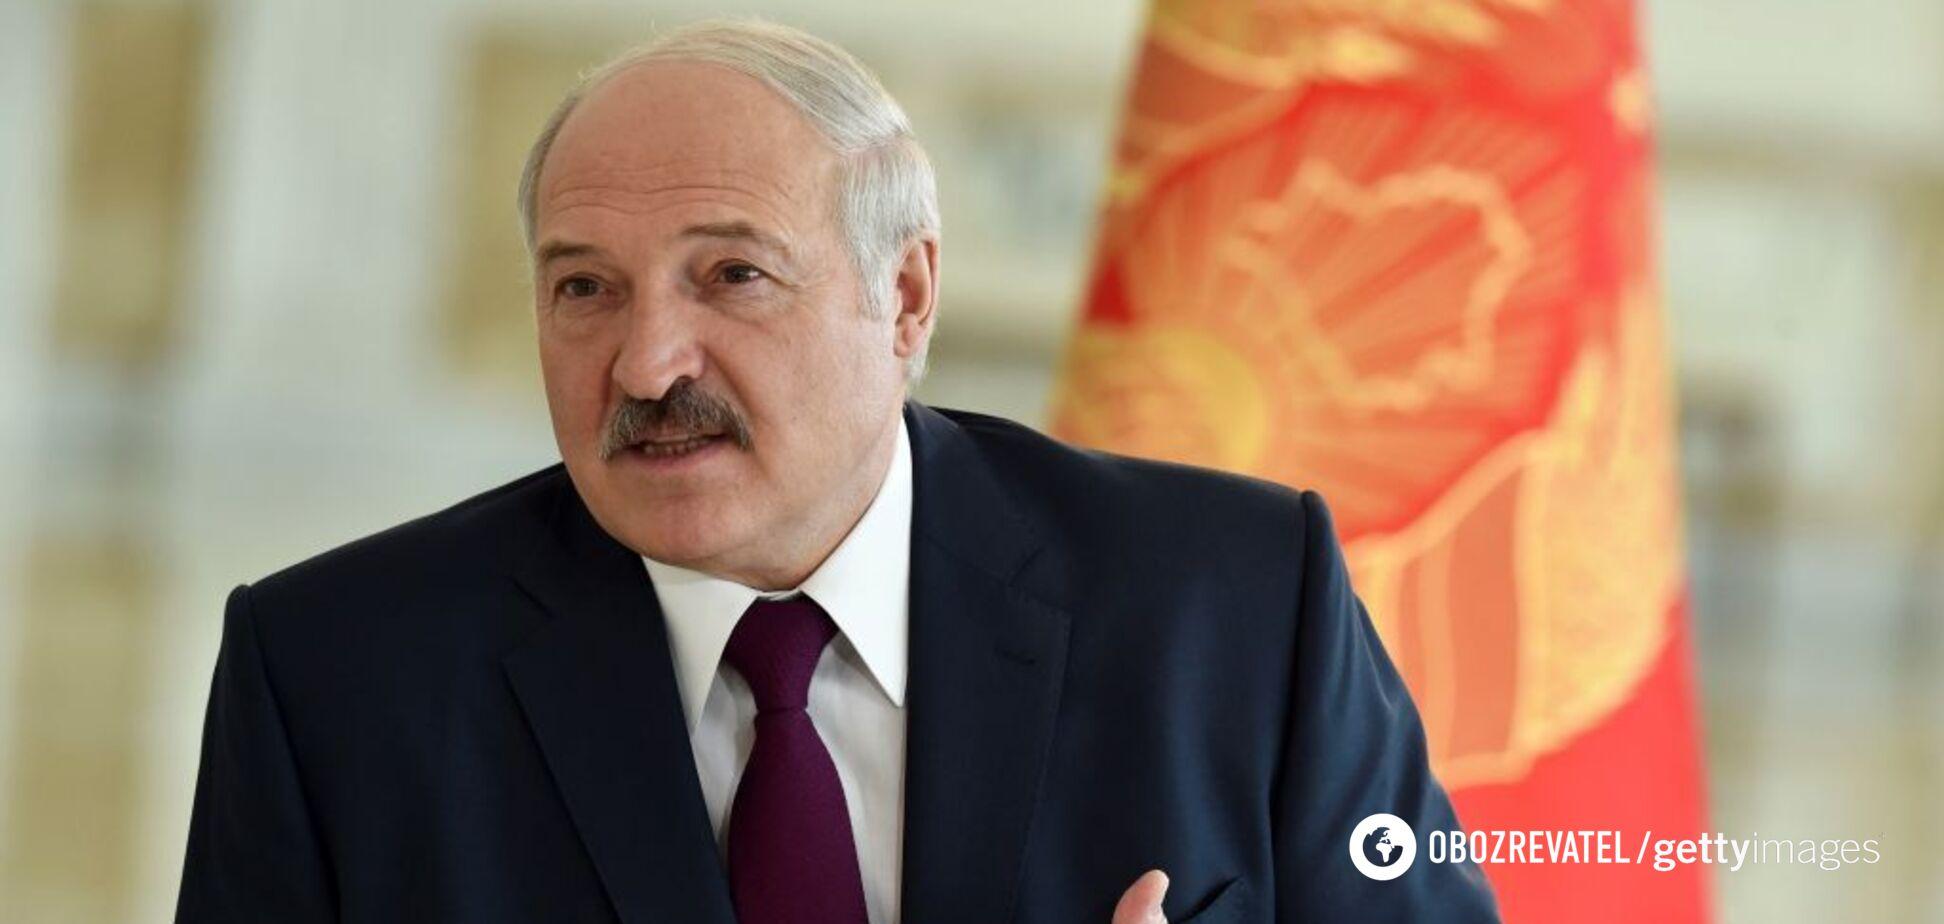 Беларусь развязала экономическую войну с Россией: Минск нанес новый удар